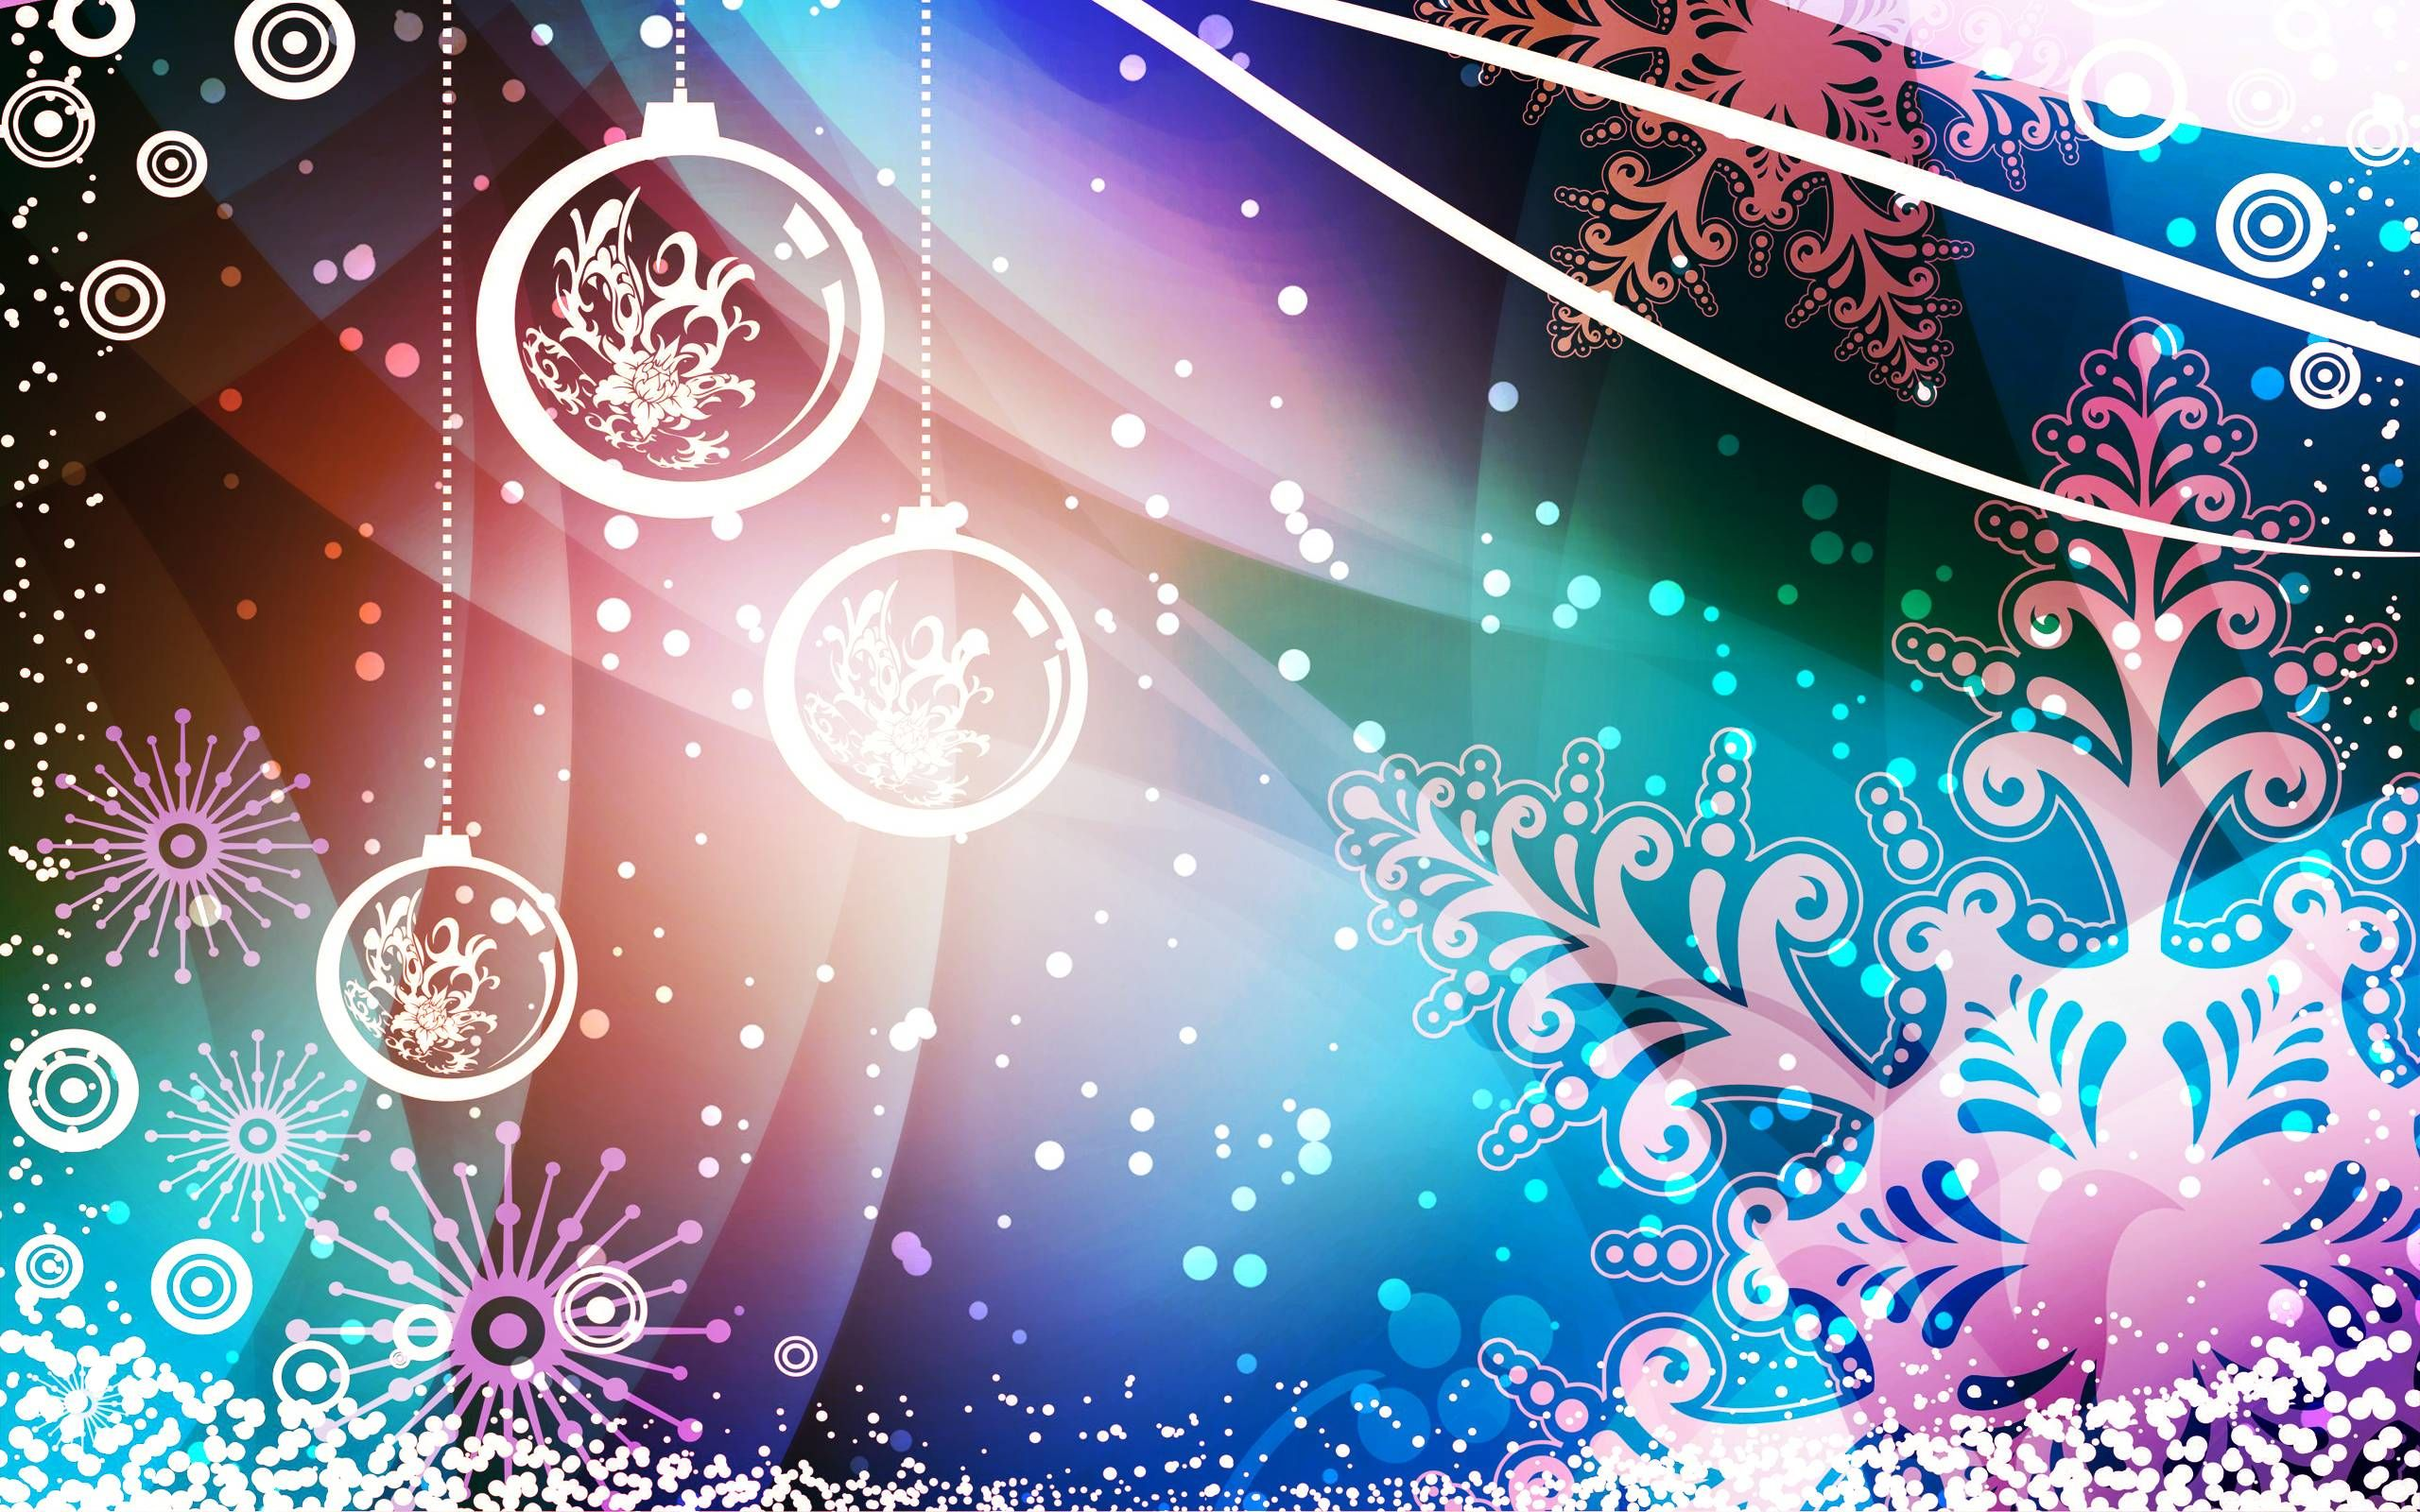 Merry Christmas HD Wallpaper 2014 9031 Wallpaper computer